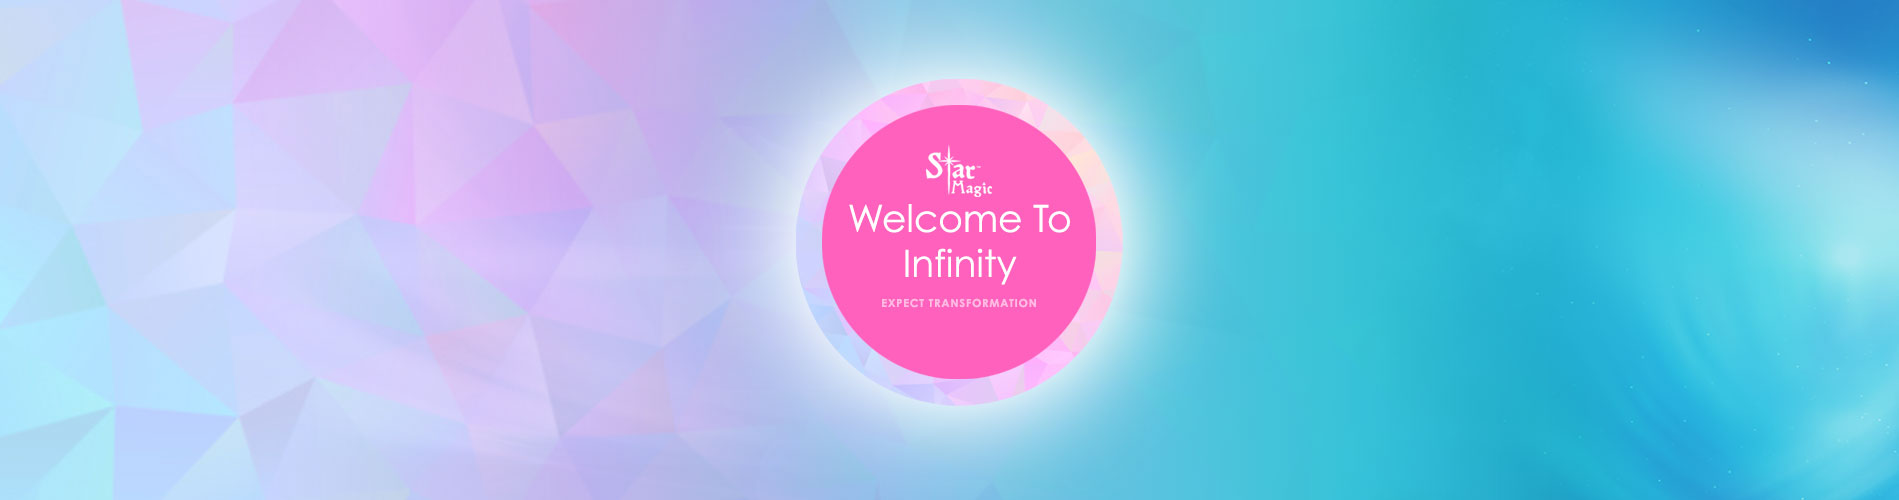 Infinity video